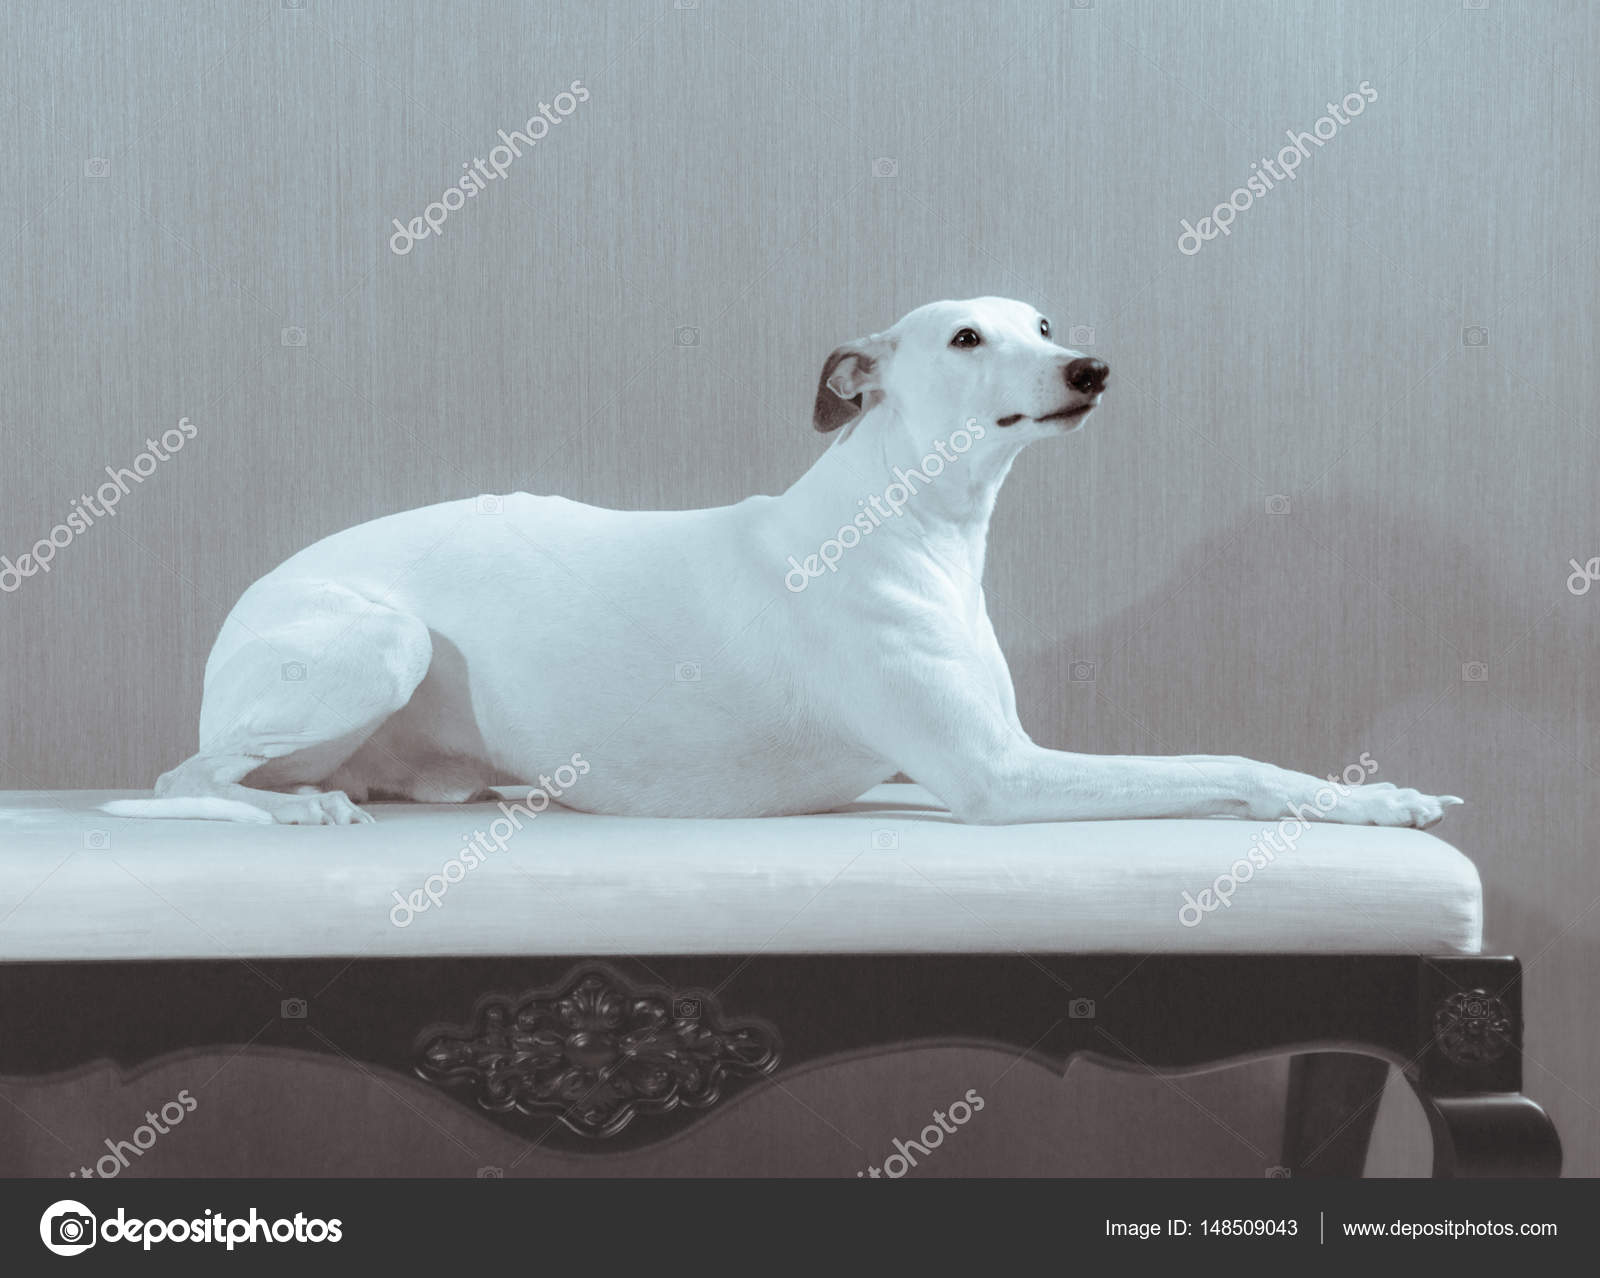 1 Best Of Hund sofa Bilder